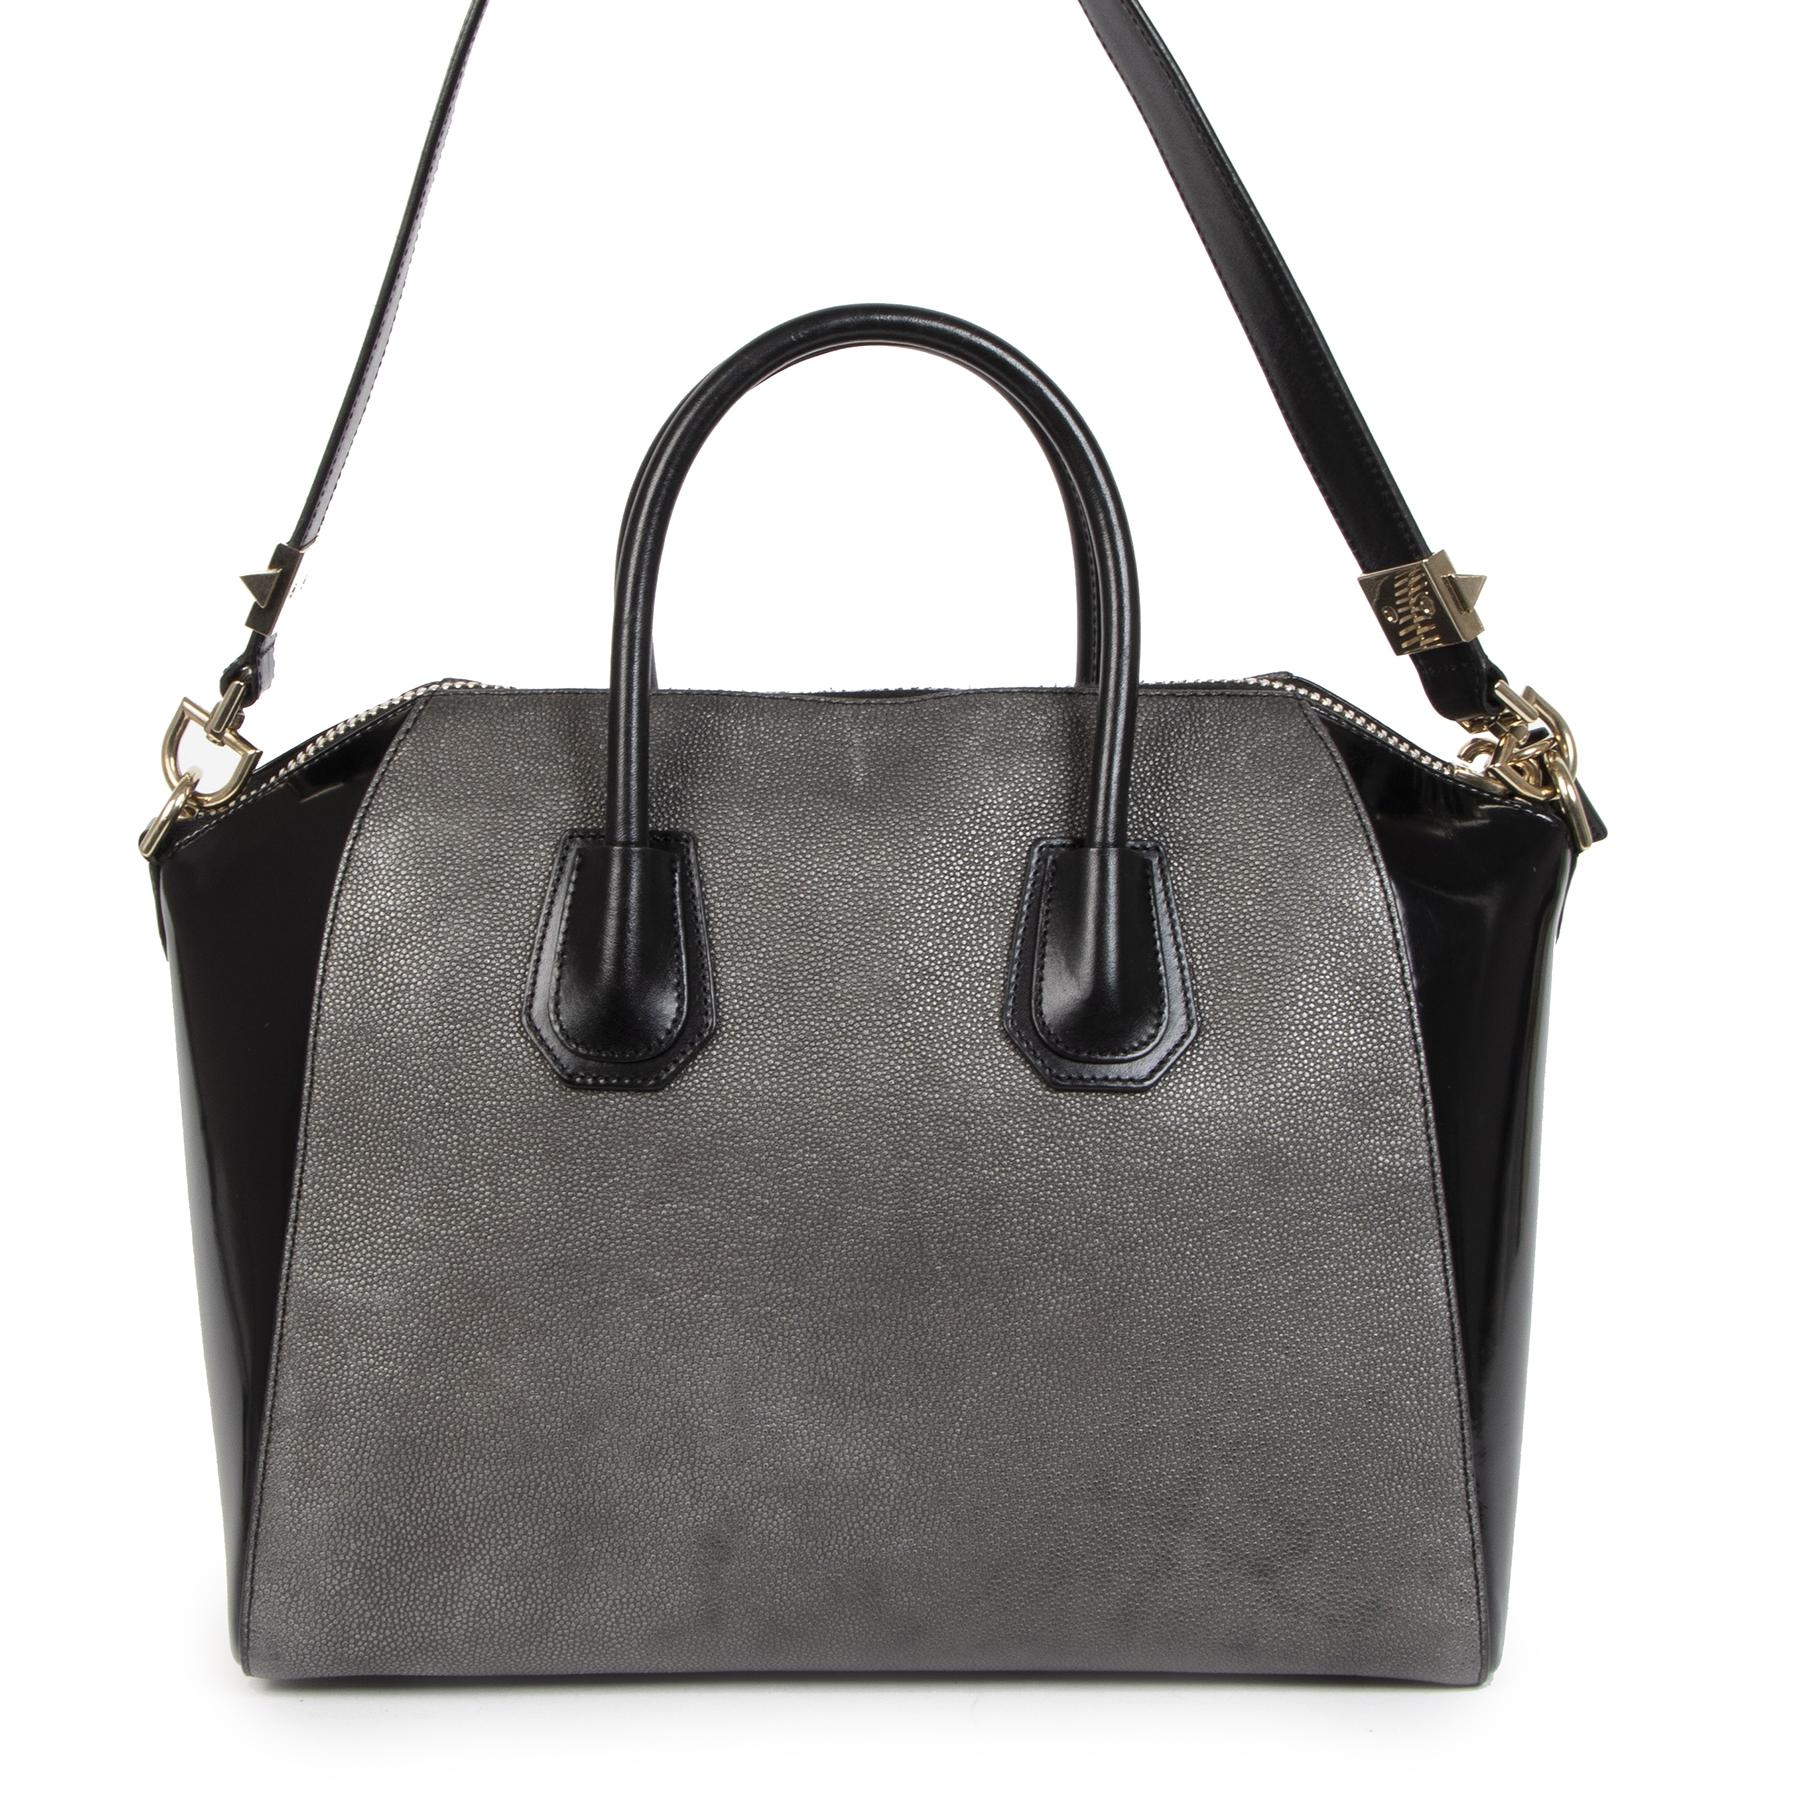 Authentieke Tweedehands Givenchy Medium Antigona Bicolor Bag juiste prijs veilig online shoppen luxe merken webshop winkelen Antwerpen België mode fashion